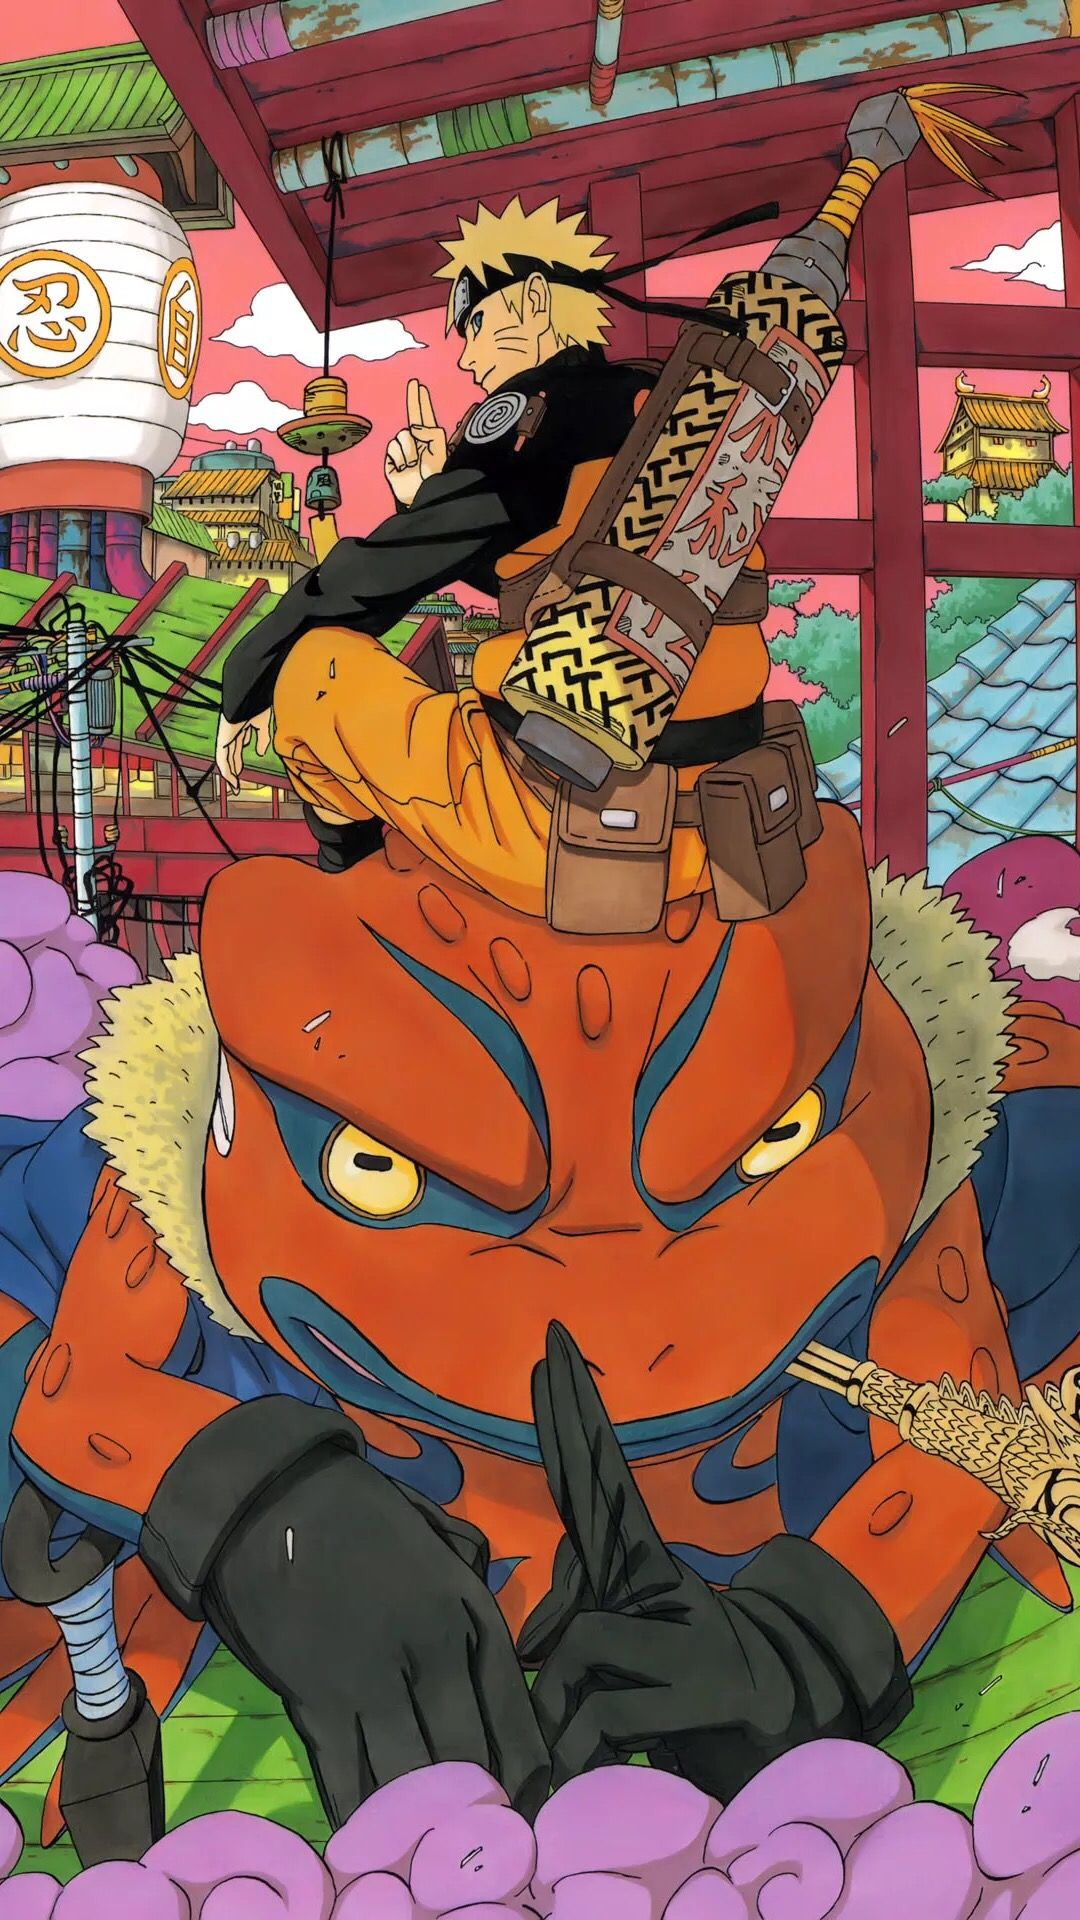 Naruto Jutsu Des Vertrauten Geistes Naruto Shippuden Anime Anime